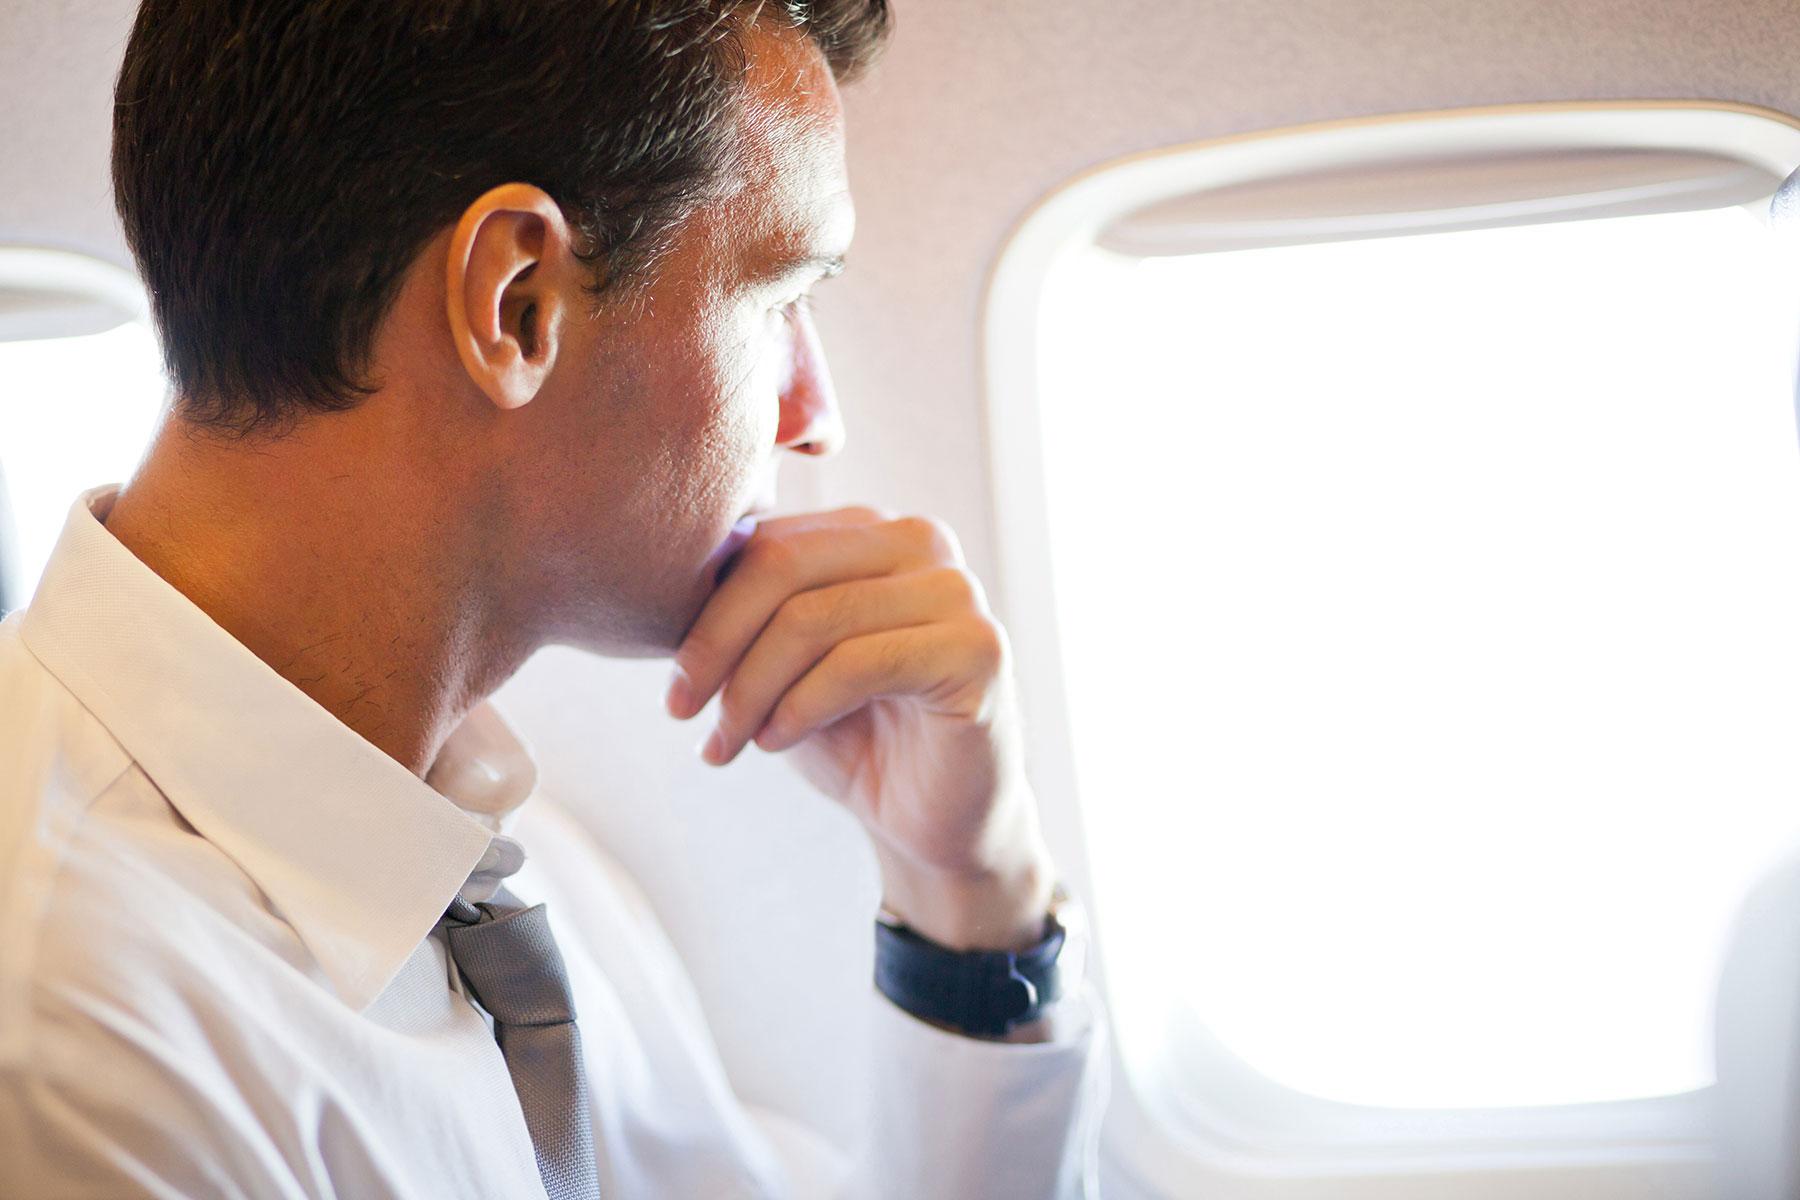 First Class vs. Business Class Flights